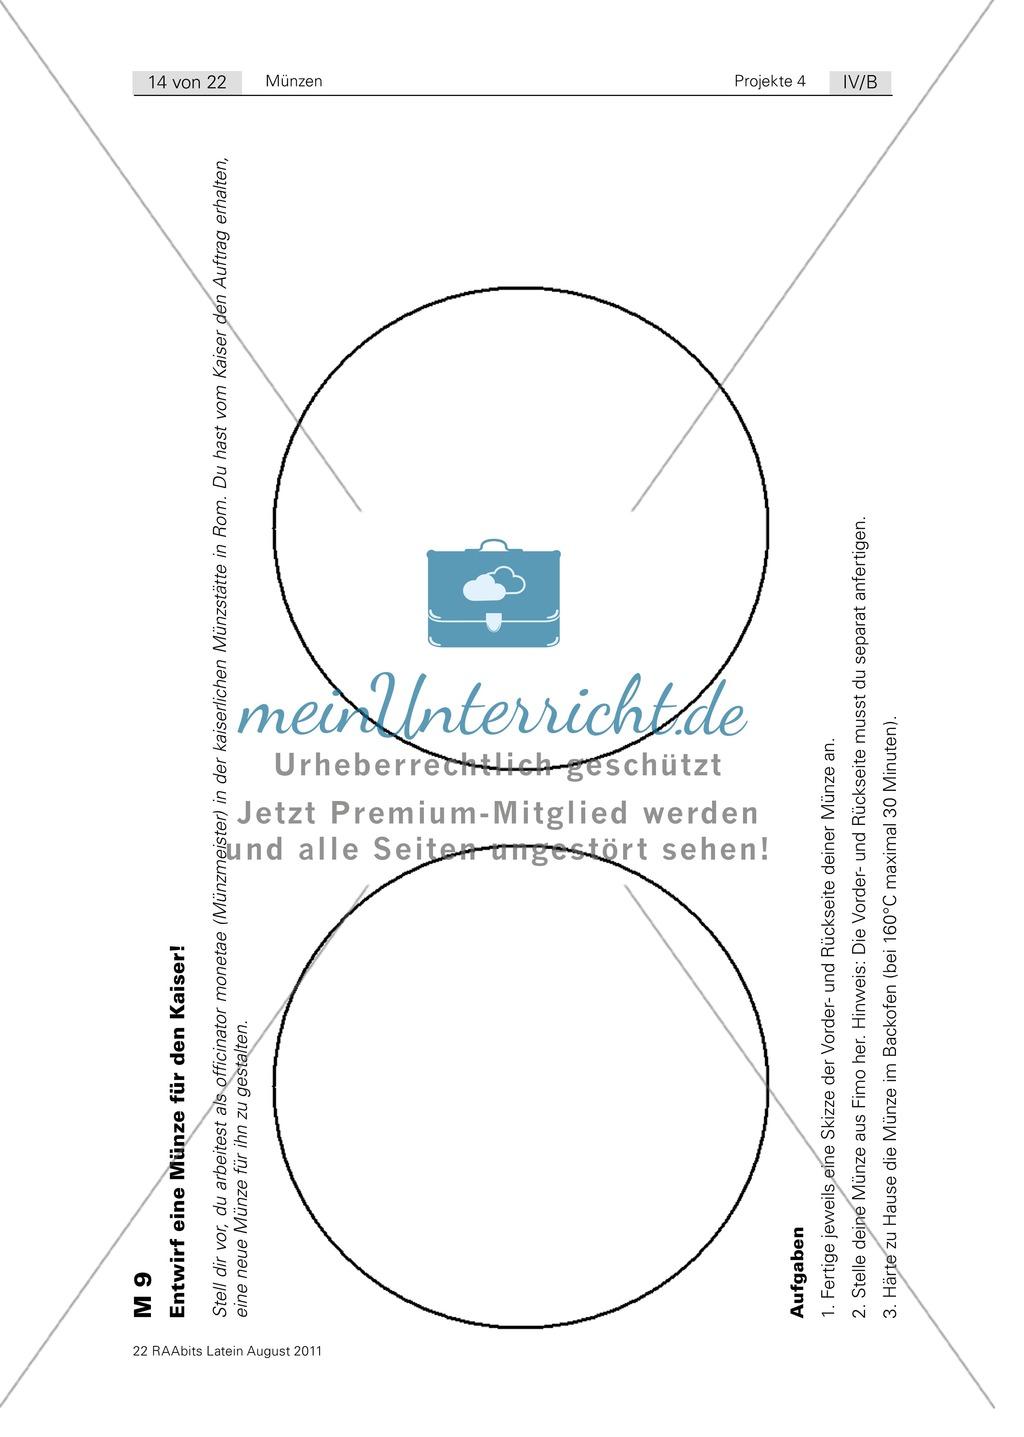 Gestaltung einer eigenen römischen Münze sowie Euro-Münze und römische Münze im Vergleich. Mit Informationstext zur Münzherstellung, Bildern und didaktischen Anmerkungen. Preview 1